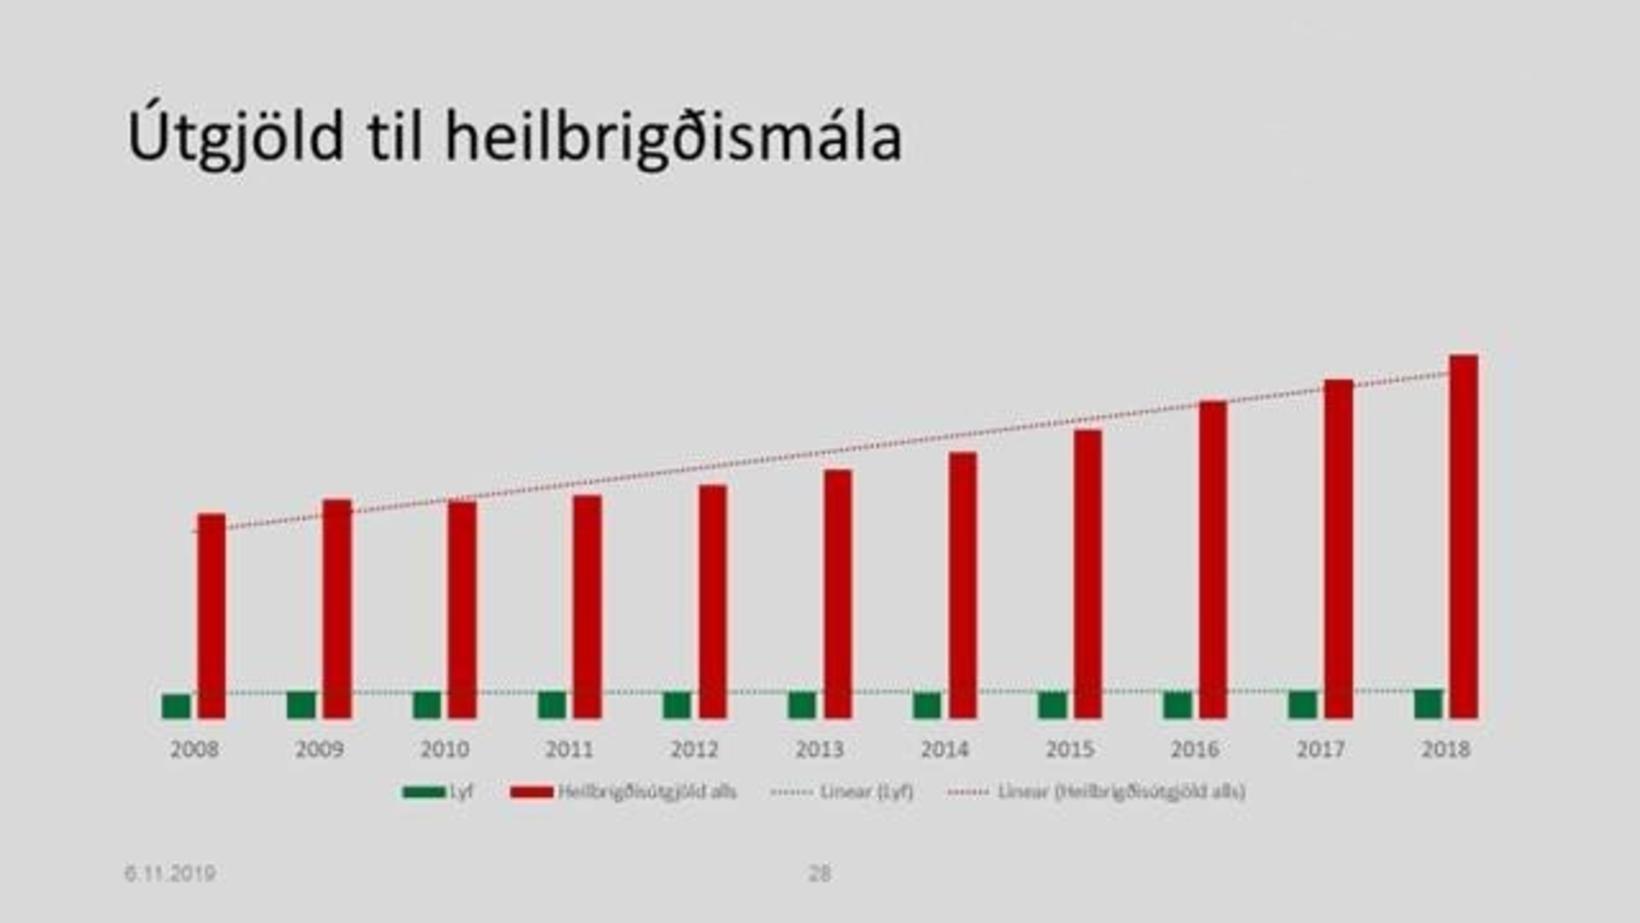 Á þessari töflu má sjá hvernig lyfjakostnaður á Íslandi hefur ...